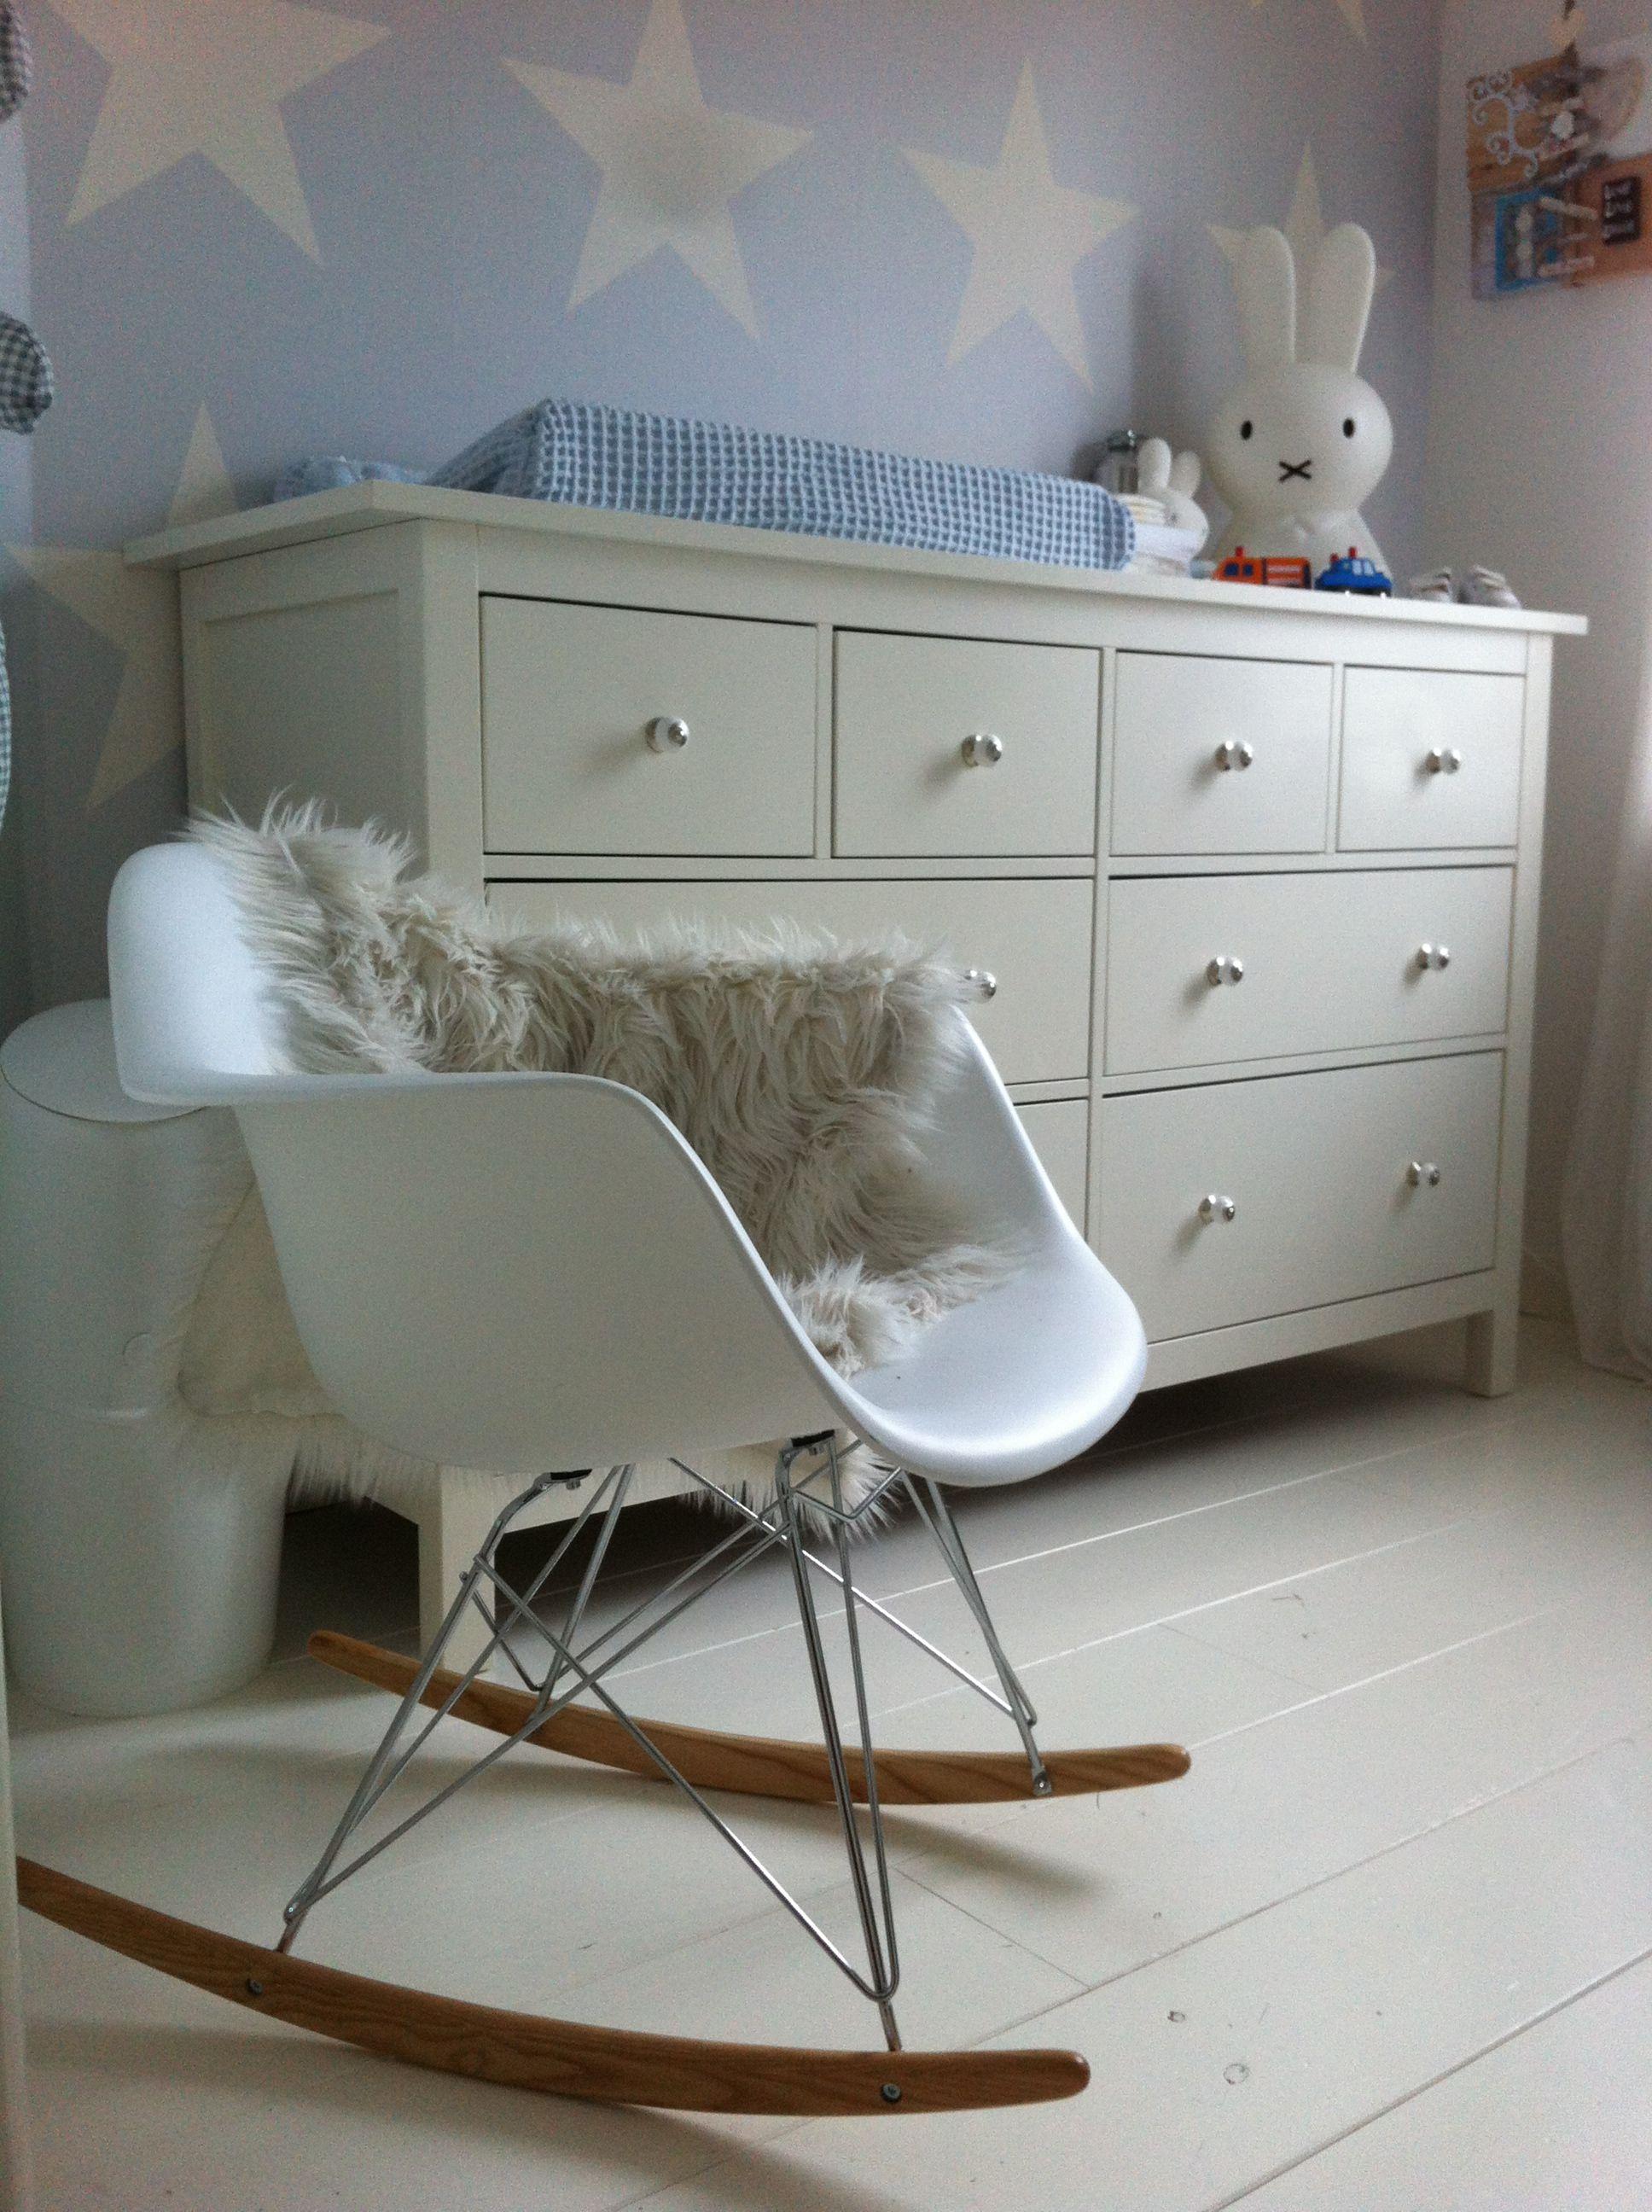 Eames Schommelstoel Babykamer.Eames Schommelstoel Babykamer Baby Room In 2019 Kids Bedroom